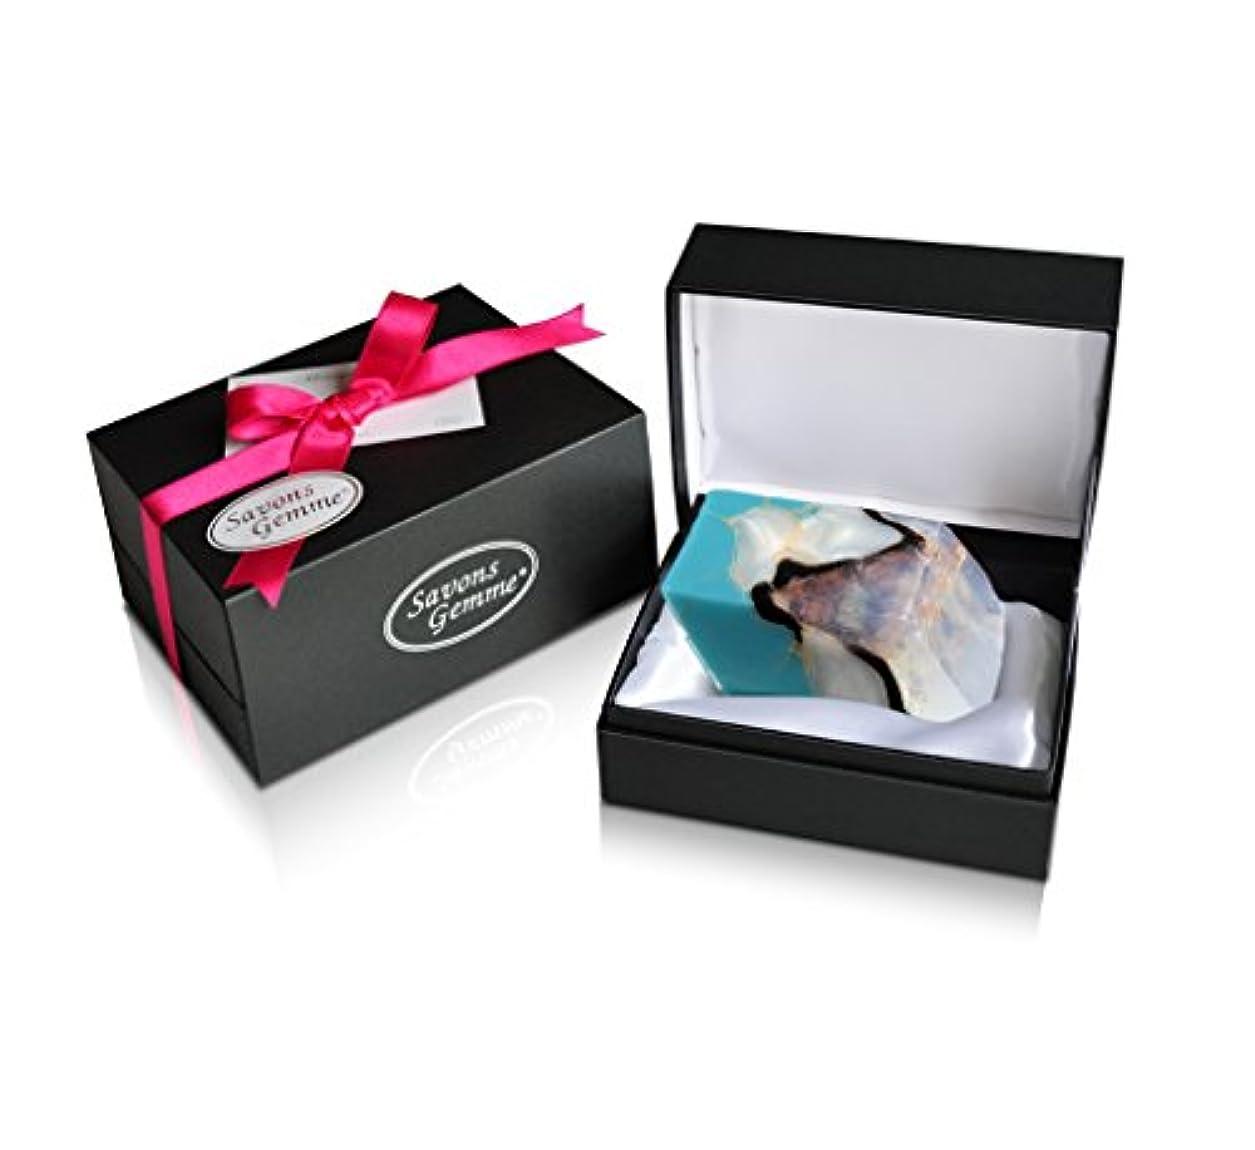 リー気配りのある細胞Savons Gemme サボンジェム ジュエリーギフトボックス 世界で一番美しい宝石石鹸 フレグランス ソープ ターコイズ 170g